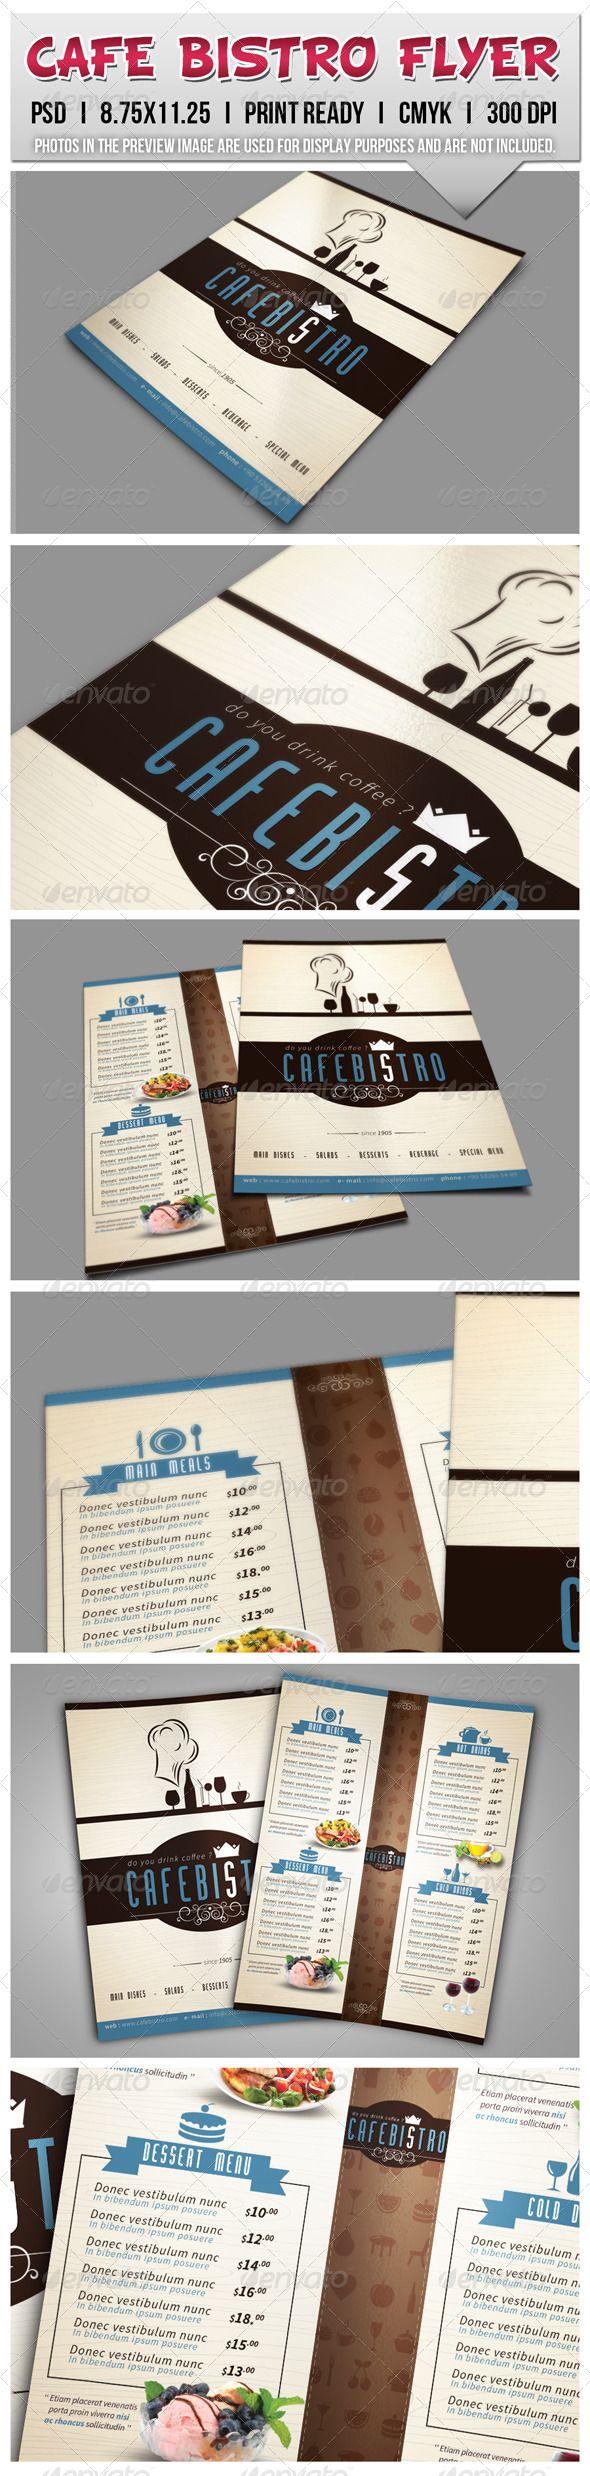 Cafe Bistro Flyer Template #design #speisekarte Download: http://graphicriver.net/item/cafe-bistro-flyer-templates/7770647?ref=ksioks